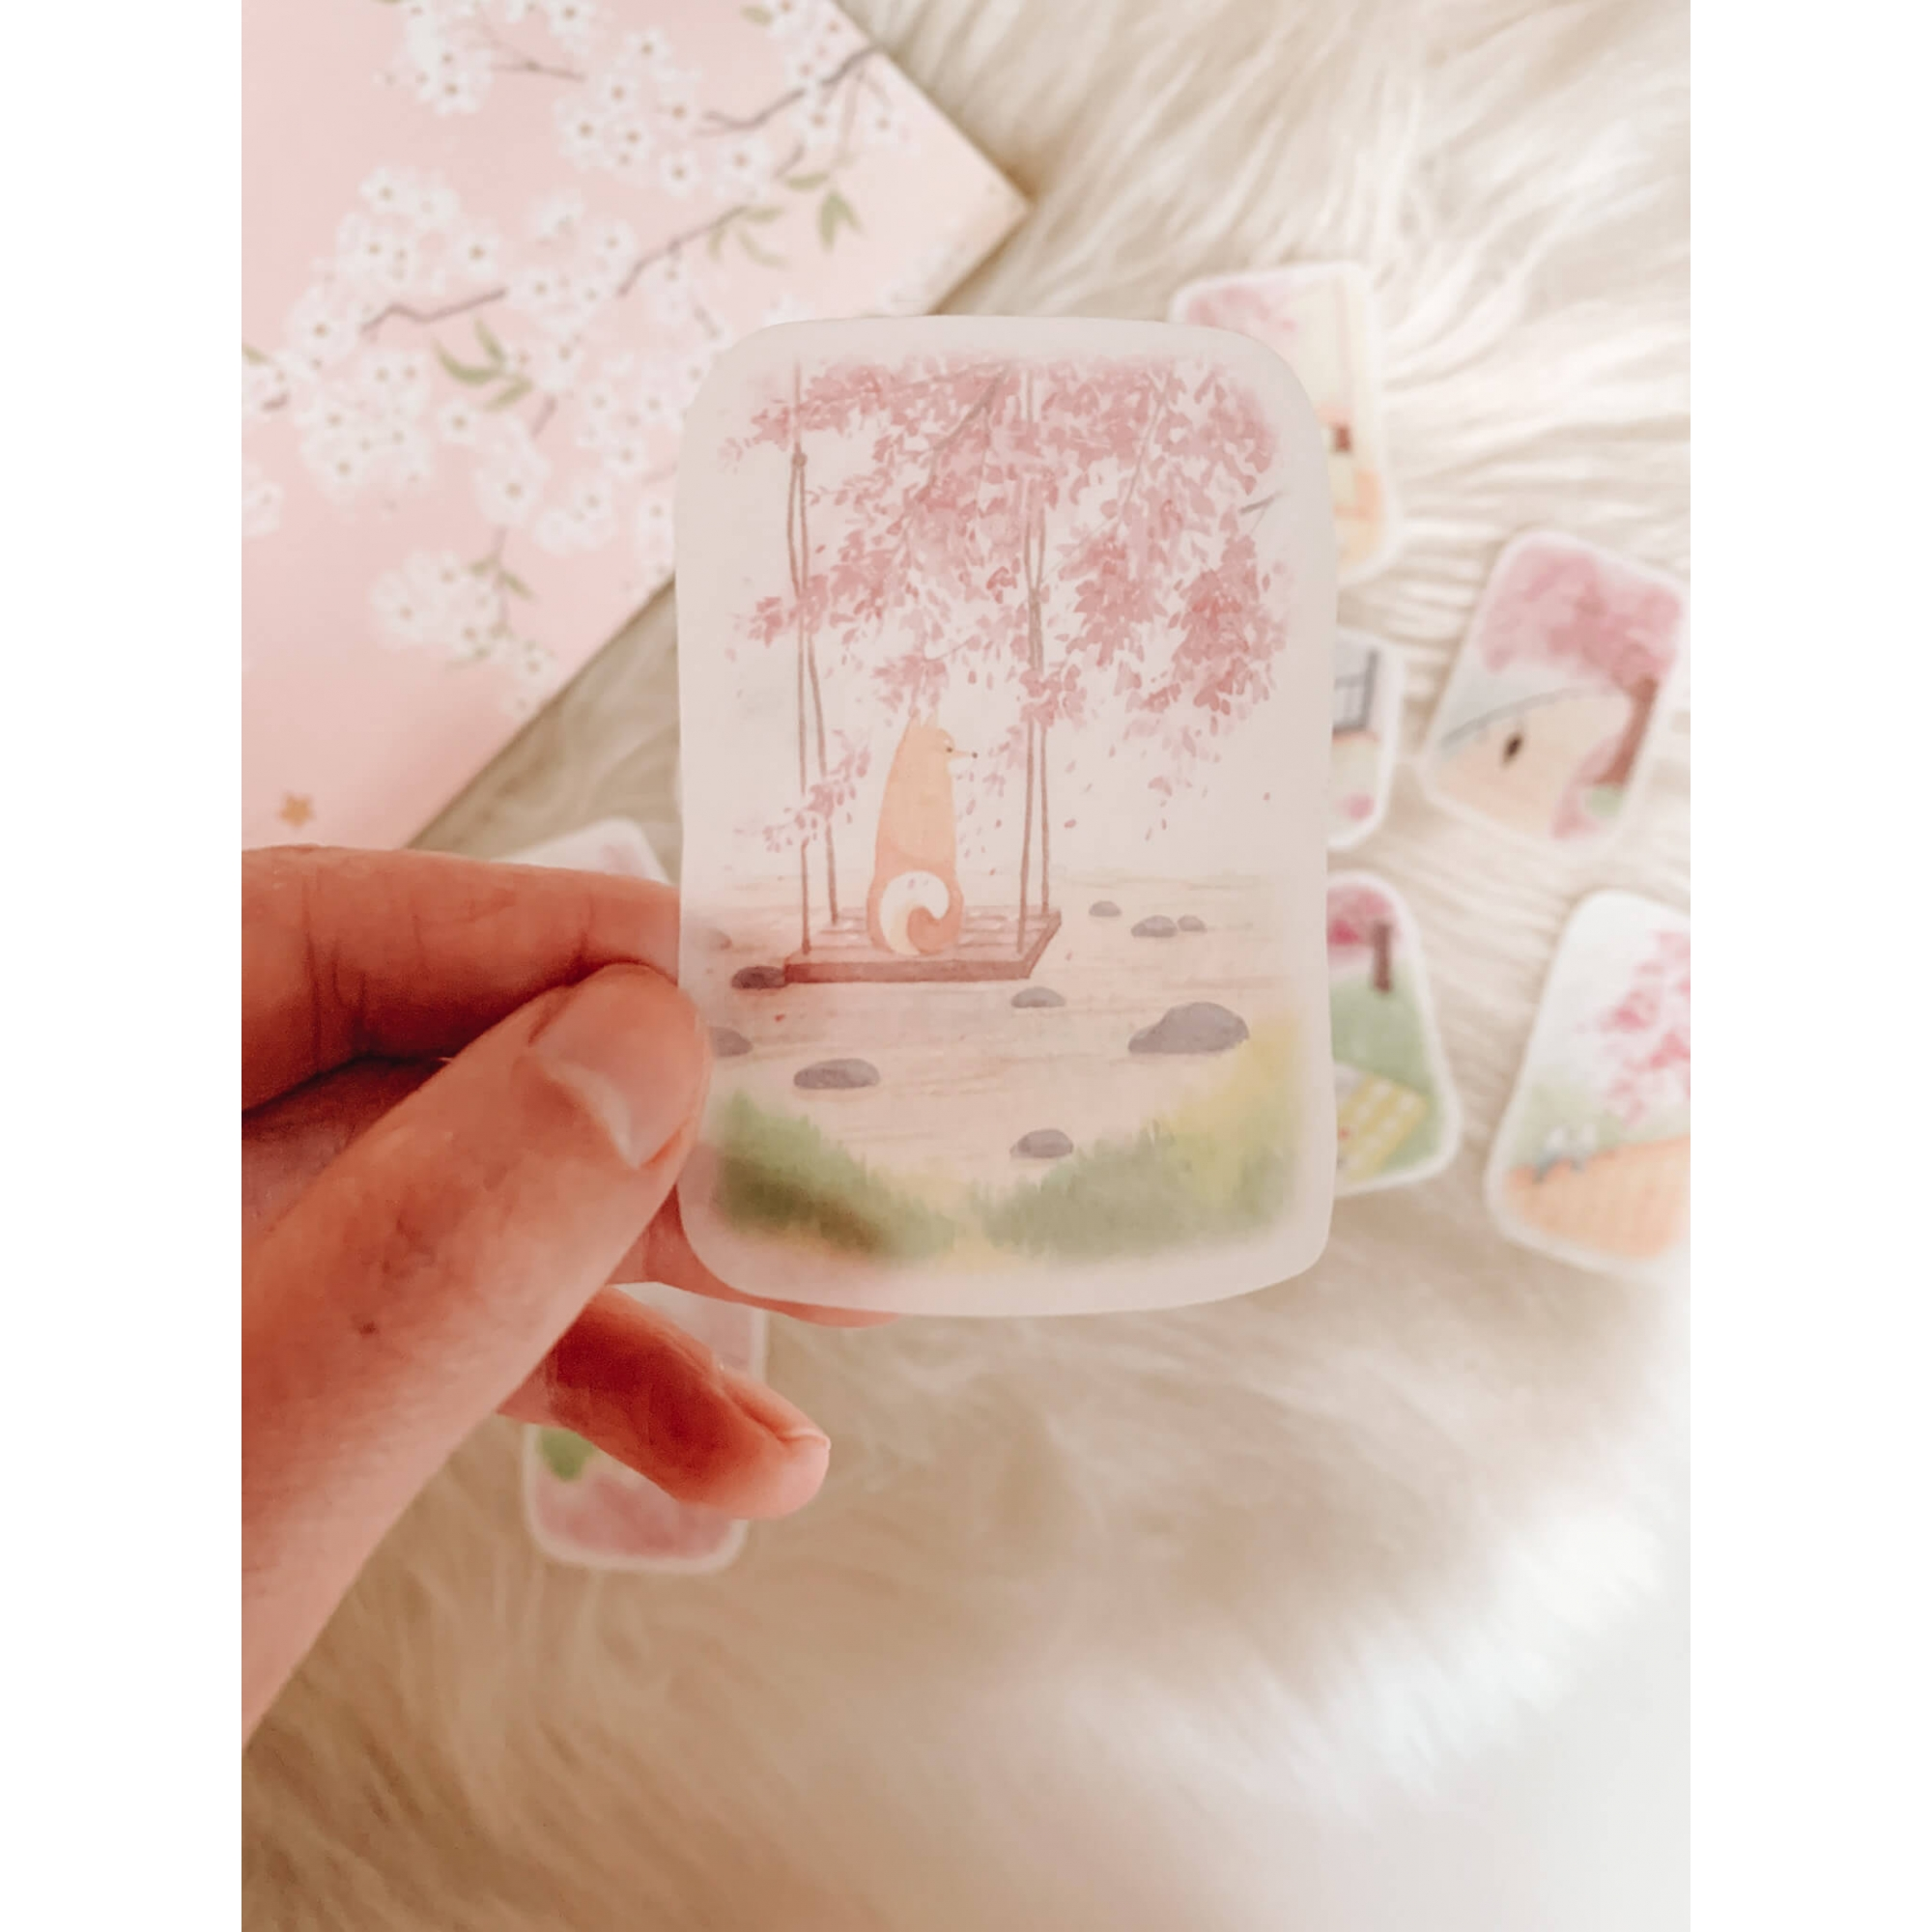 Saquinho de adesivos - Cerejeira